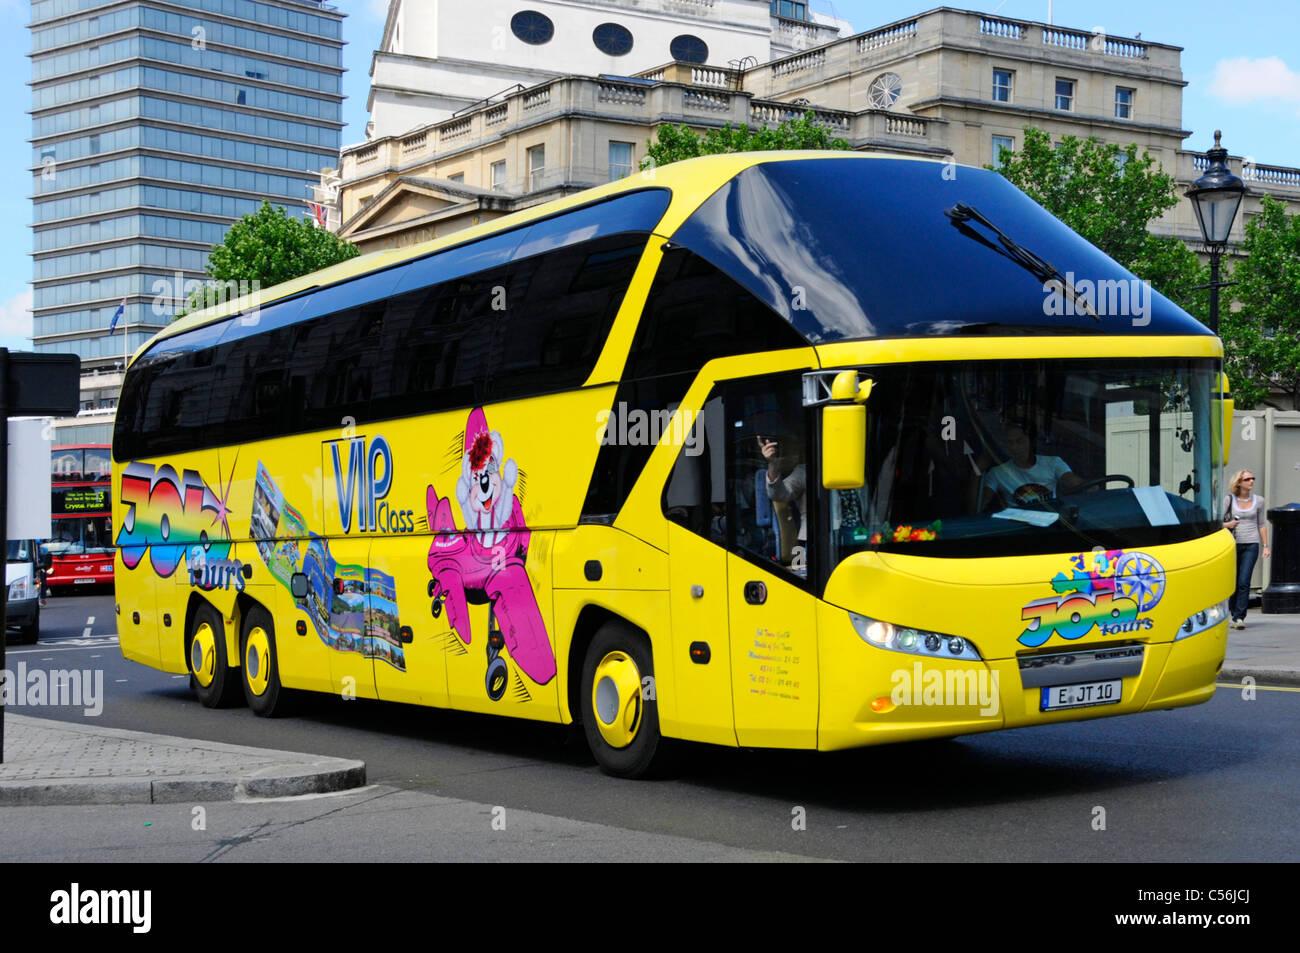 Moderno di colore giallo tour tedesco pullman con graphic design sul lato in Trafalgar Square Londra Inghilterra Immagini Stock